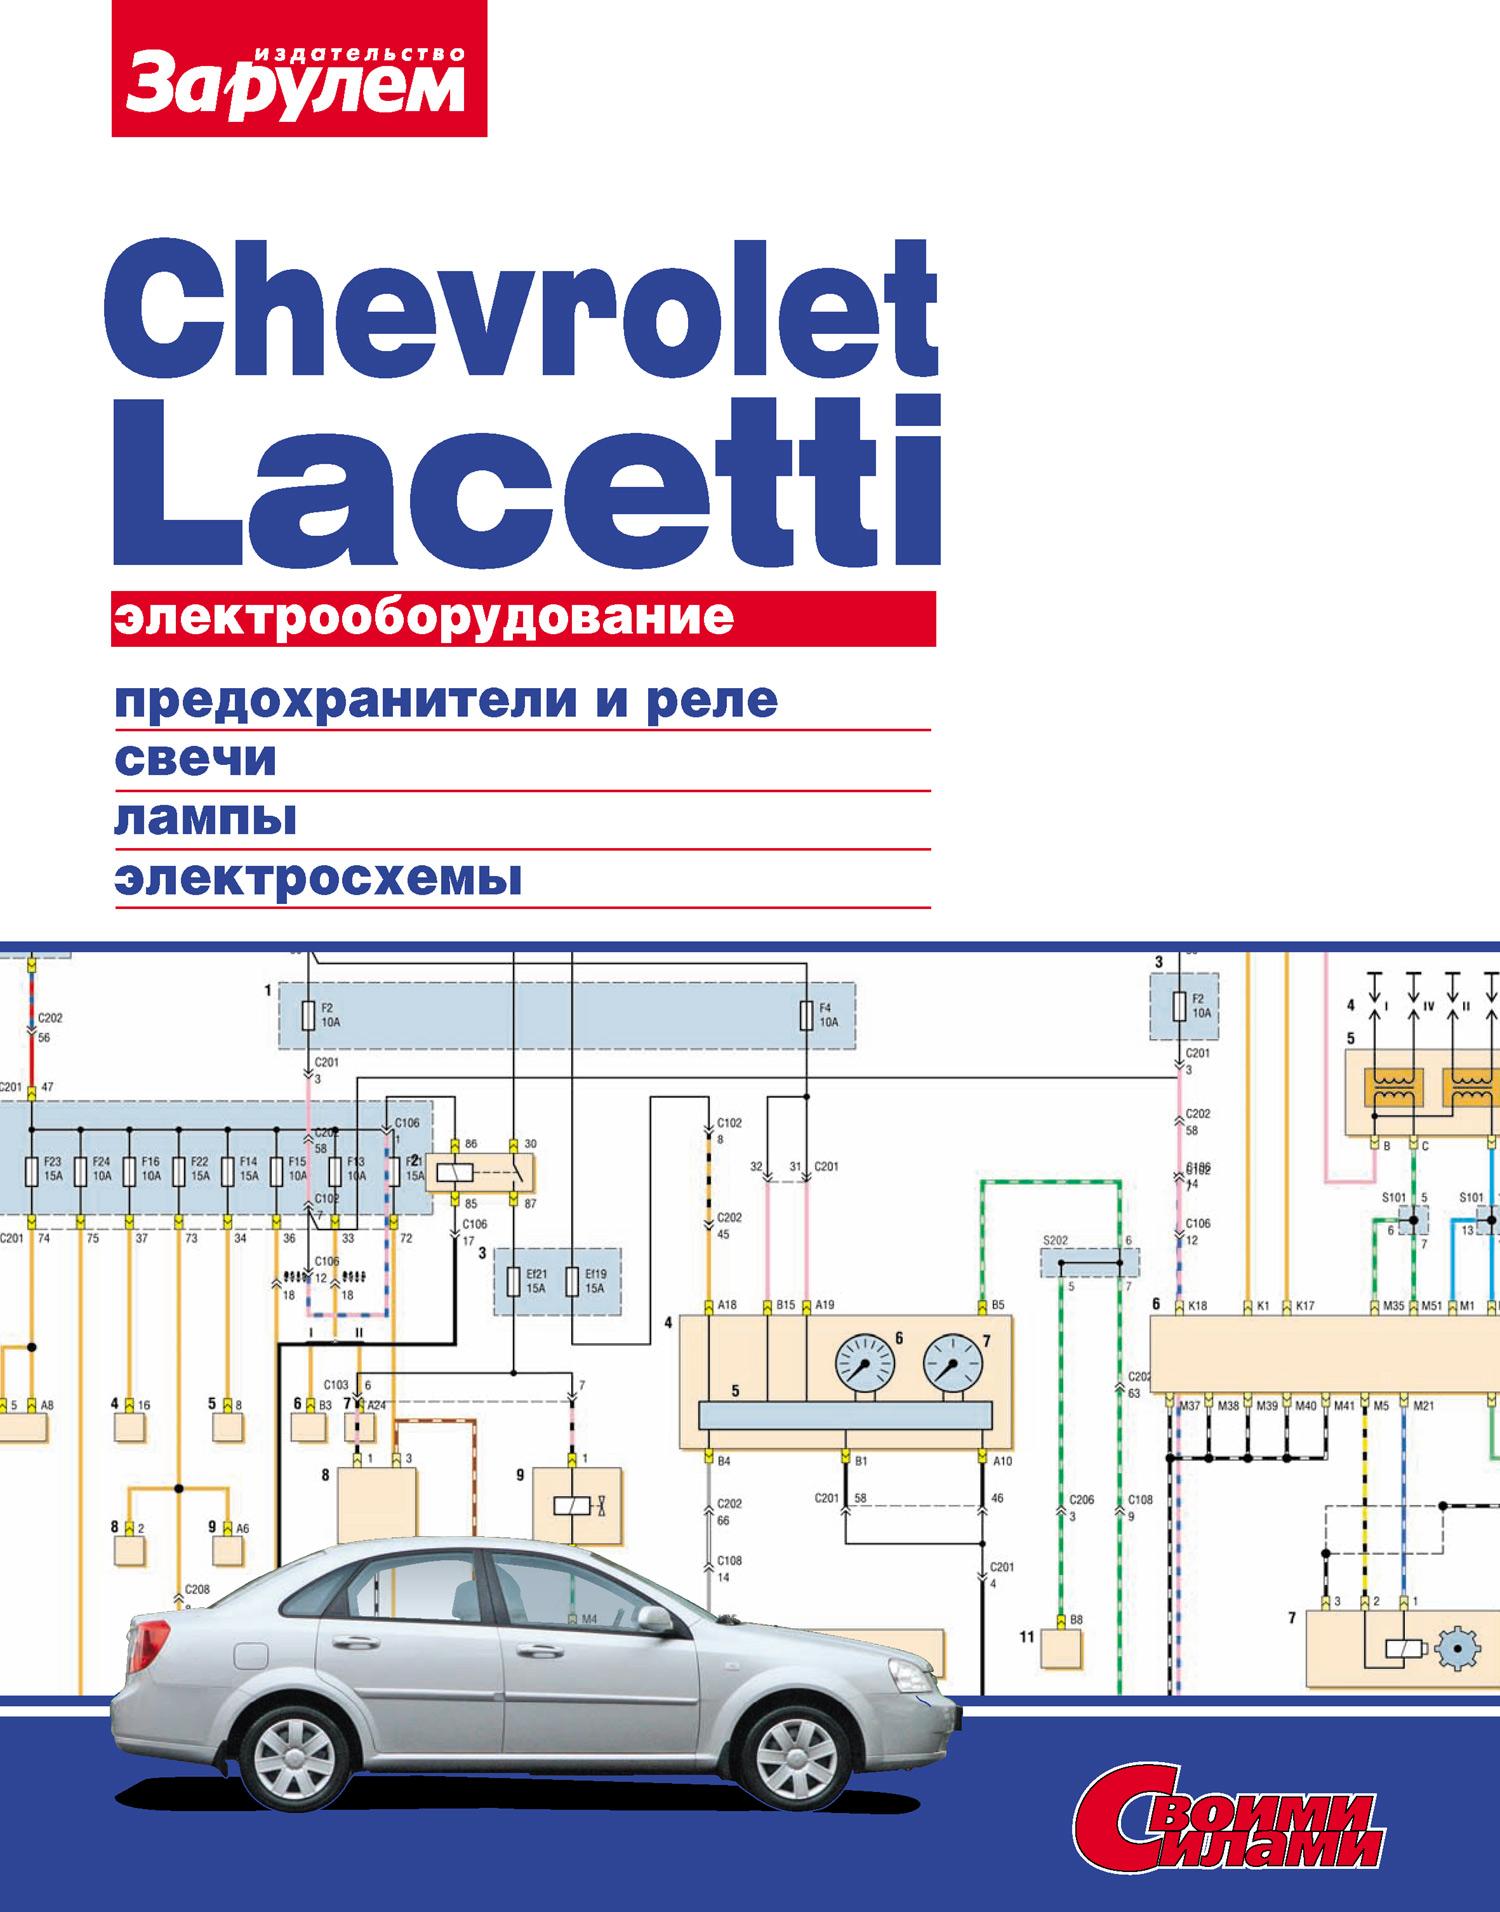 цена на Отсутствует Электрооборудование Chevrolet Lacetti. Иллюстрированное руководство